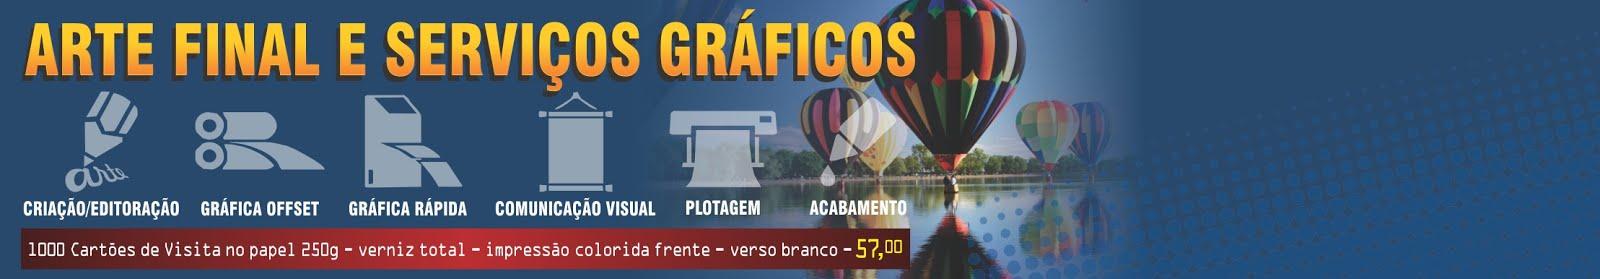 ARTE FINAL   SERVIÇOS GRÁFICOS   COMUNICAÇÃO VISUAL   GRÁFICA RÁPIDA   BRINDES   DESIGN GRÁFICO